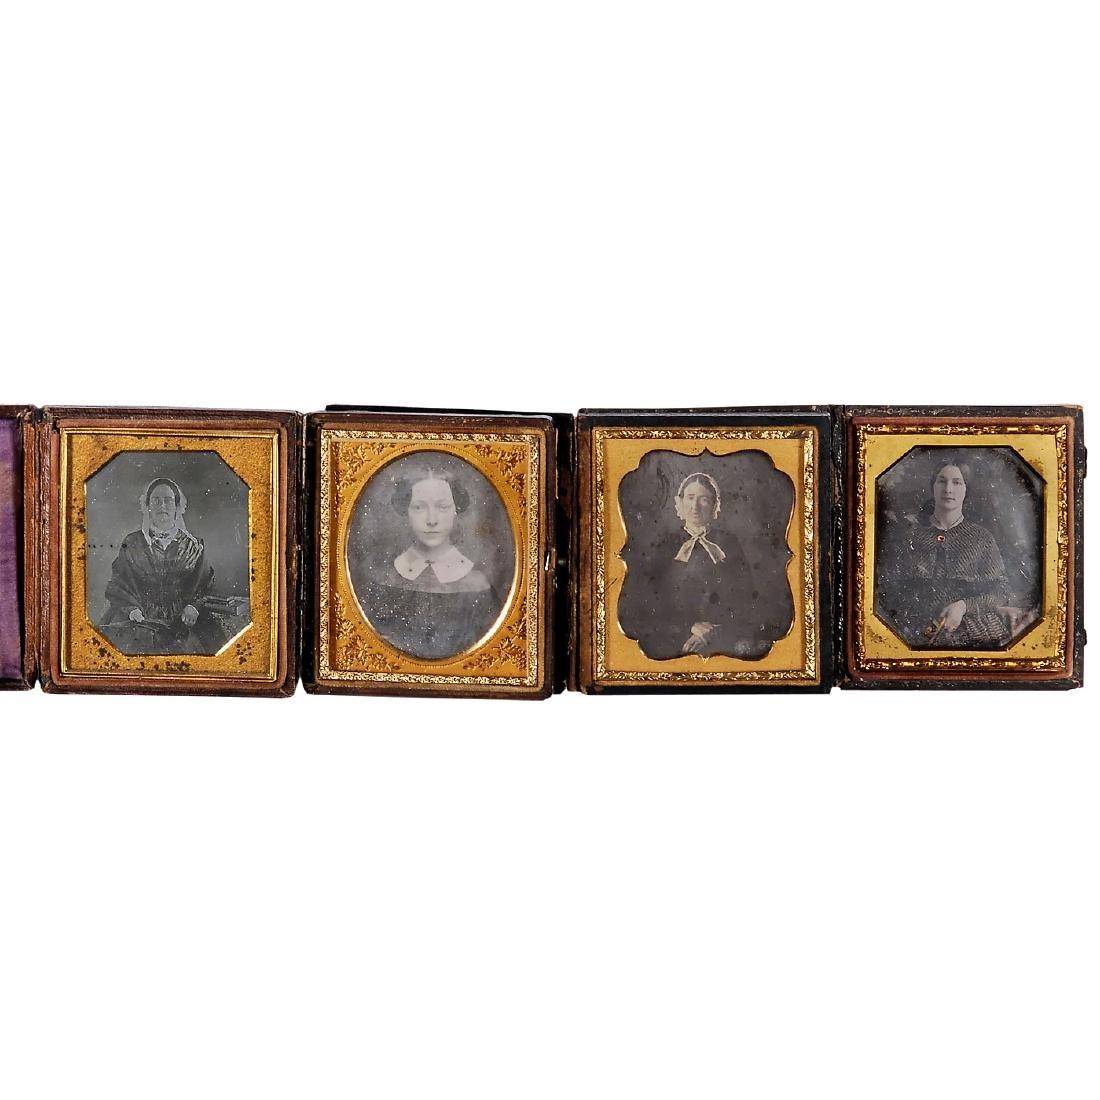 4 Daguerreotypes (1/6 Plate), c. 1845-50